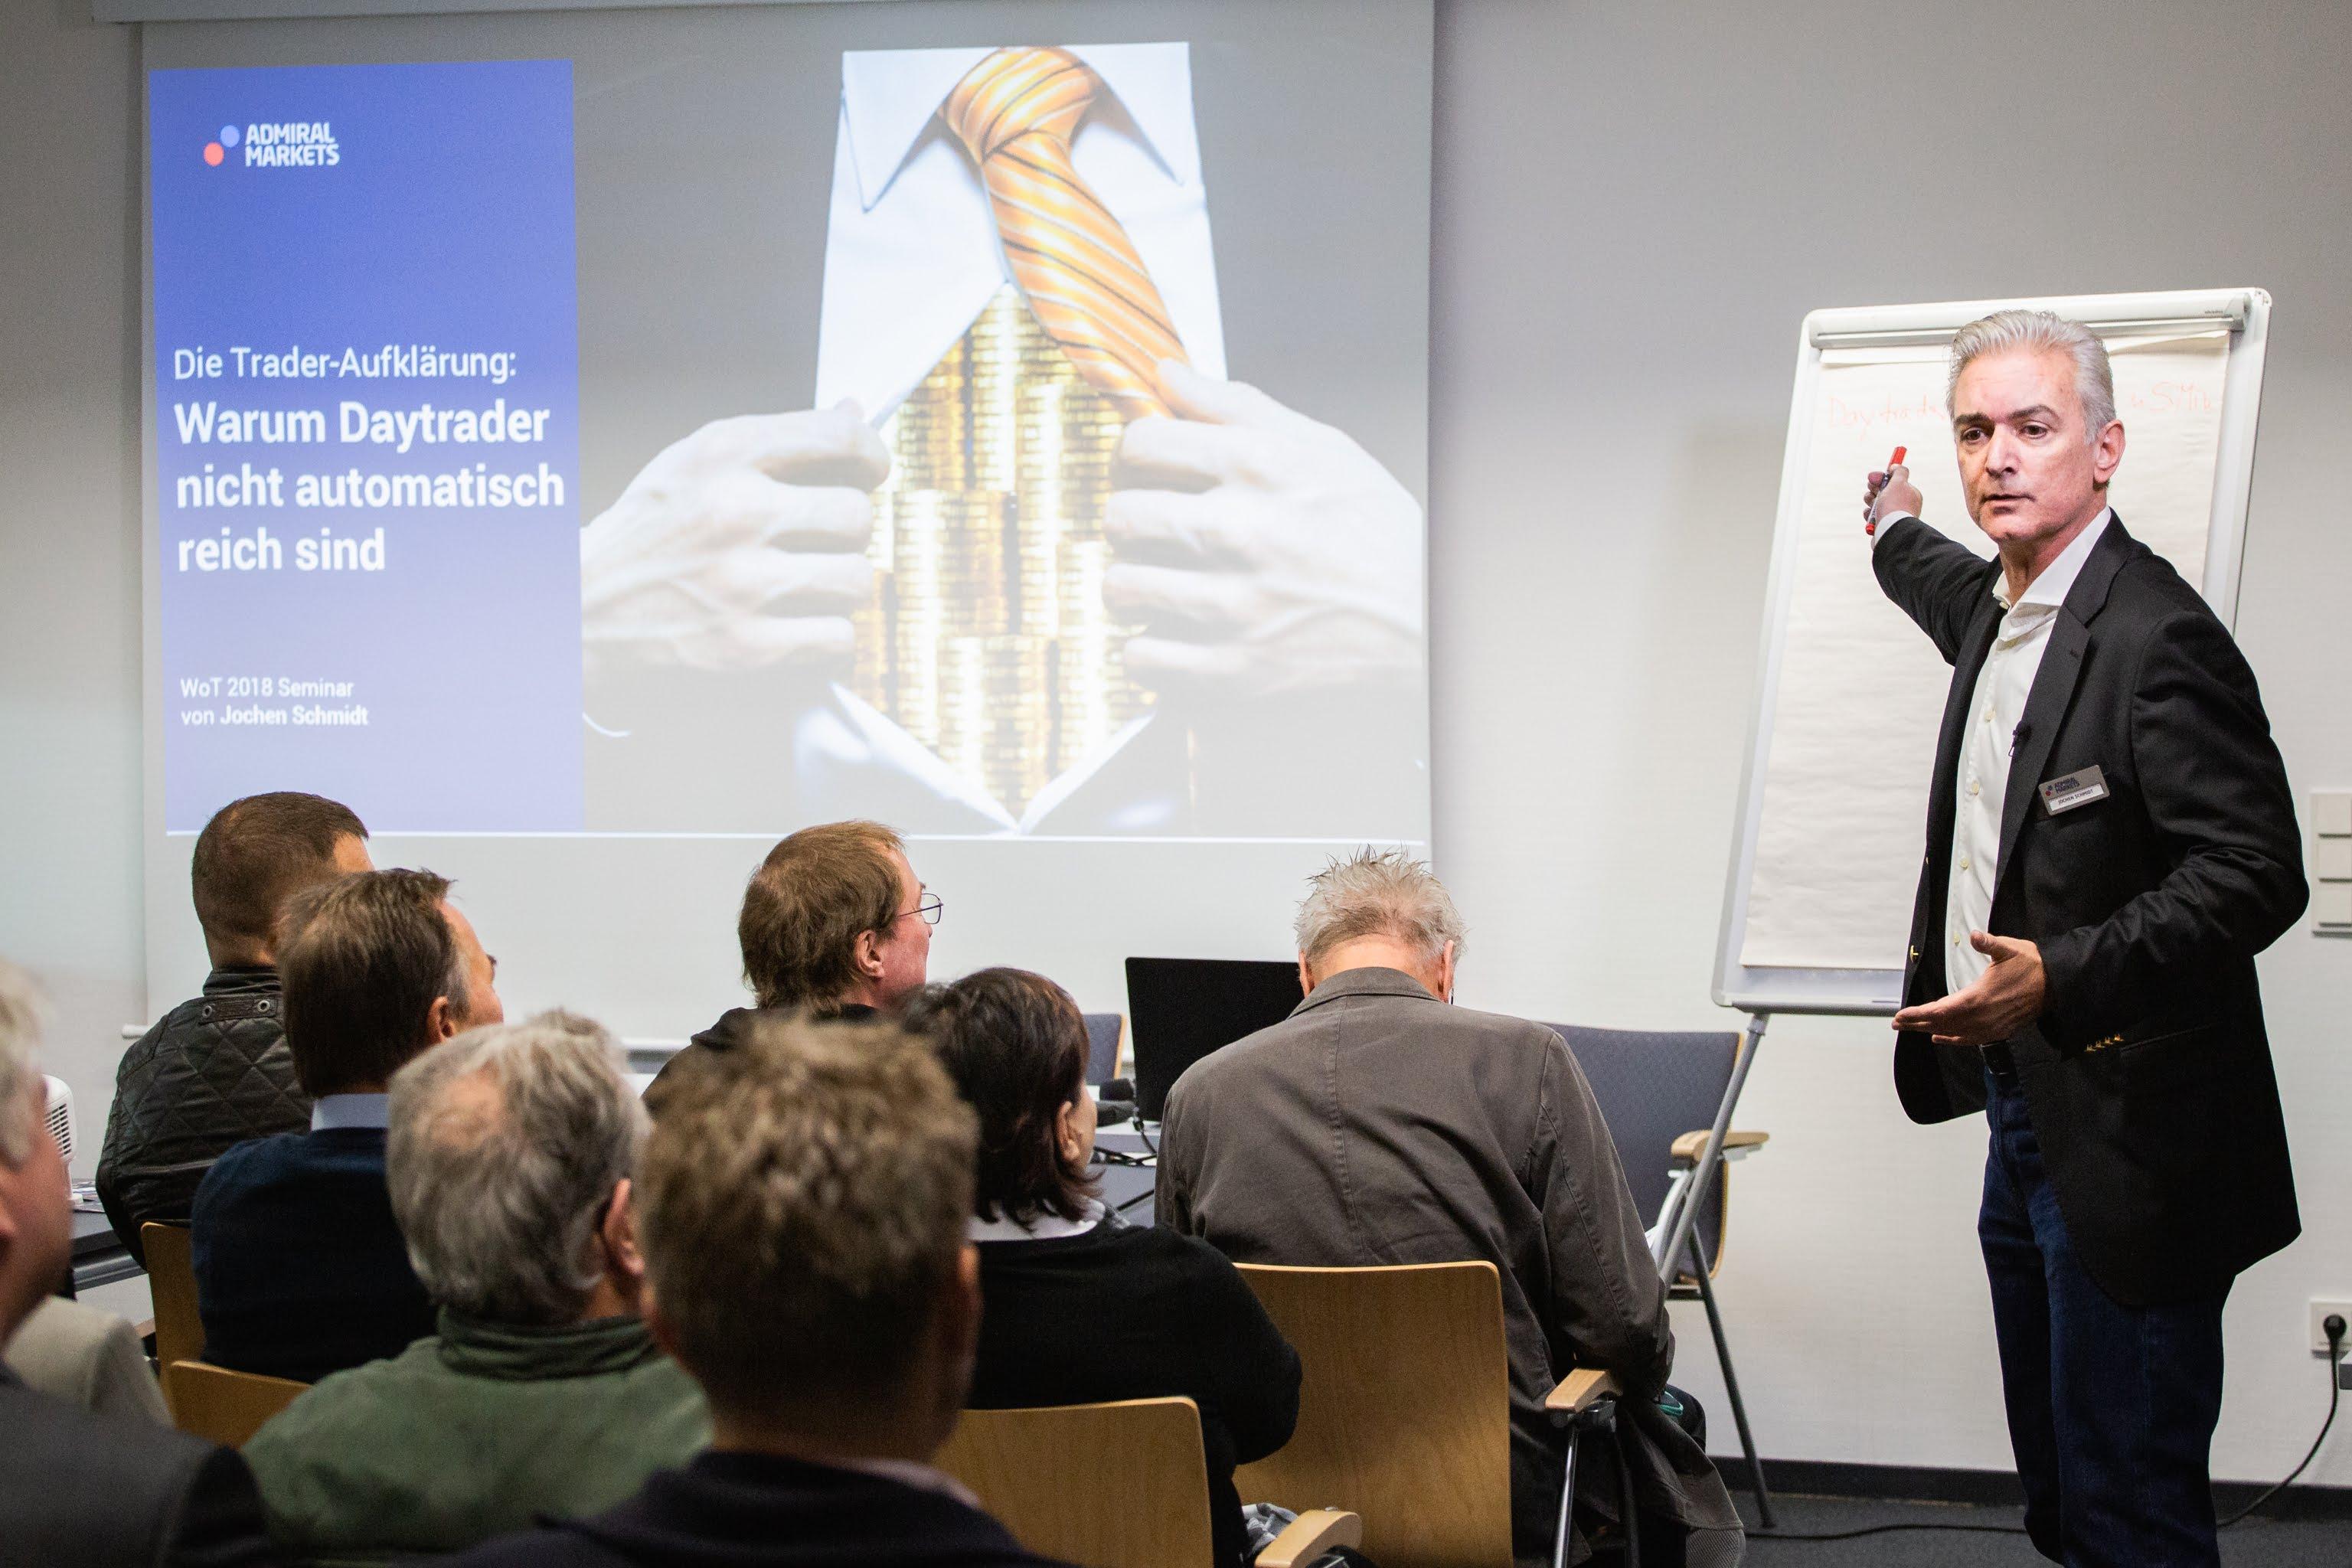 """Jochen Schmidt prezentē """"Kāpēc dienas treideri automātiski nekļūst bagāti"""""""